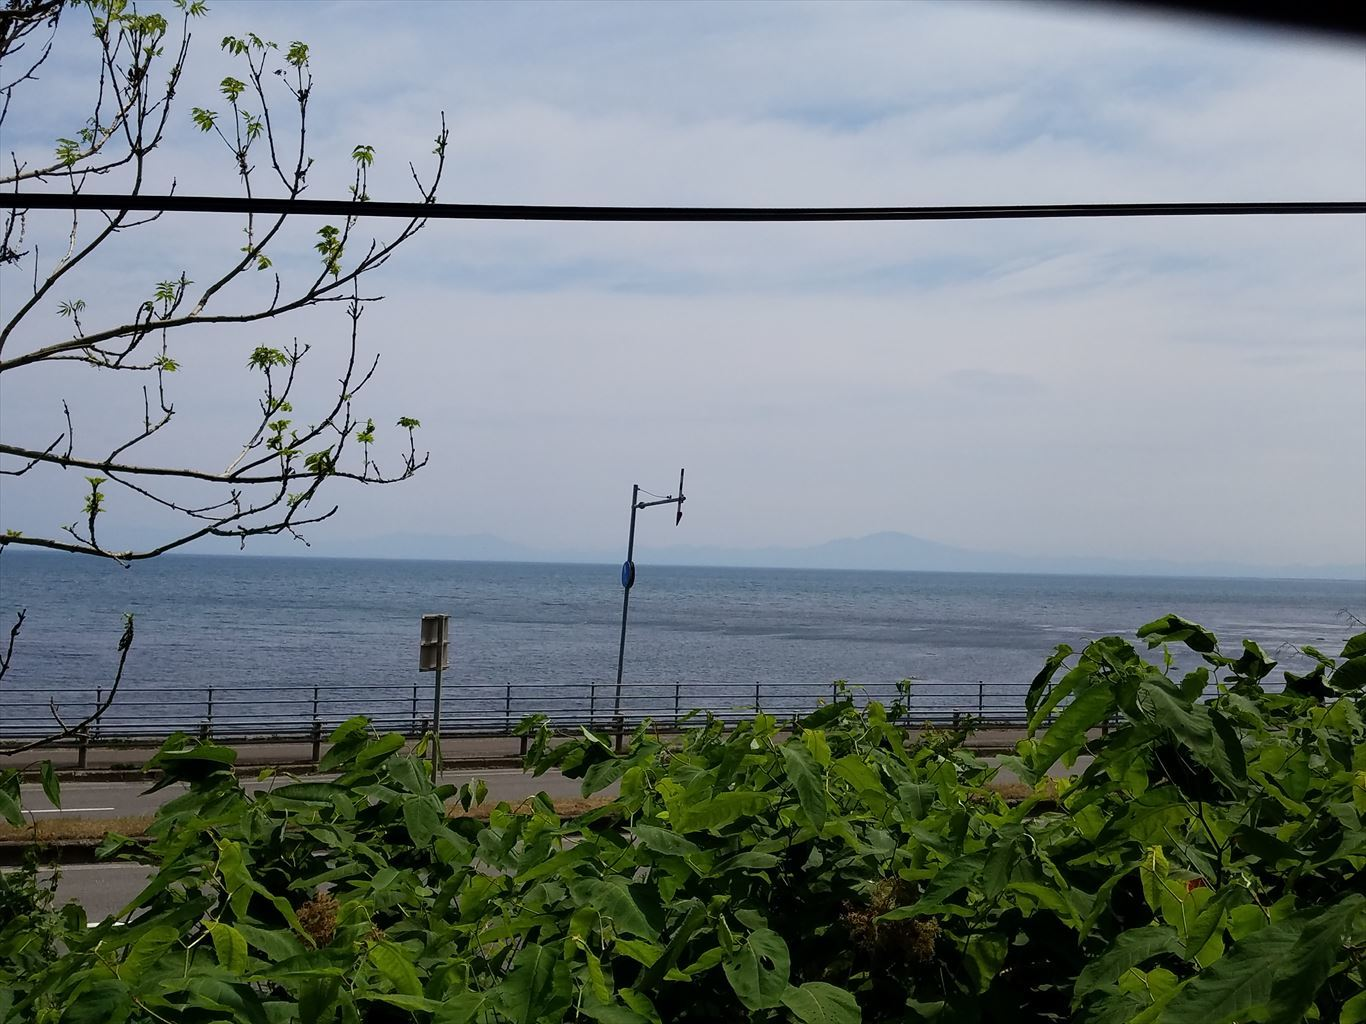 オホーツク海と知床半島